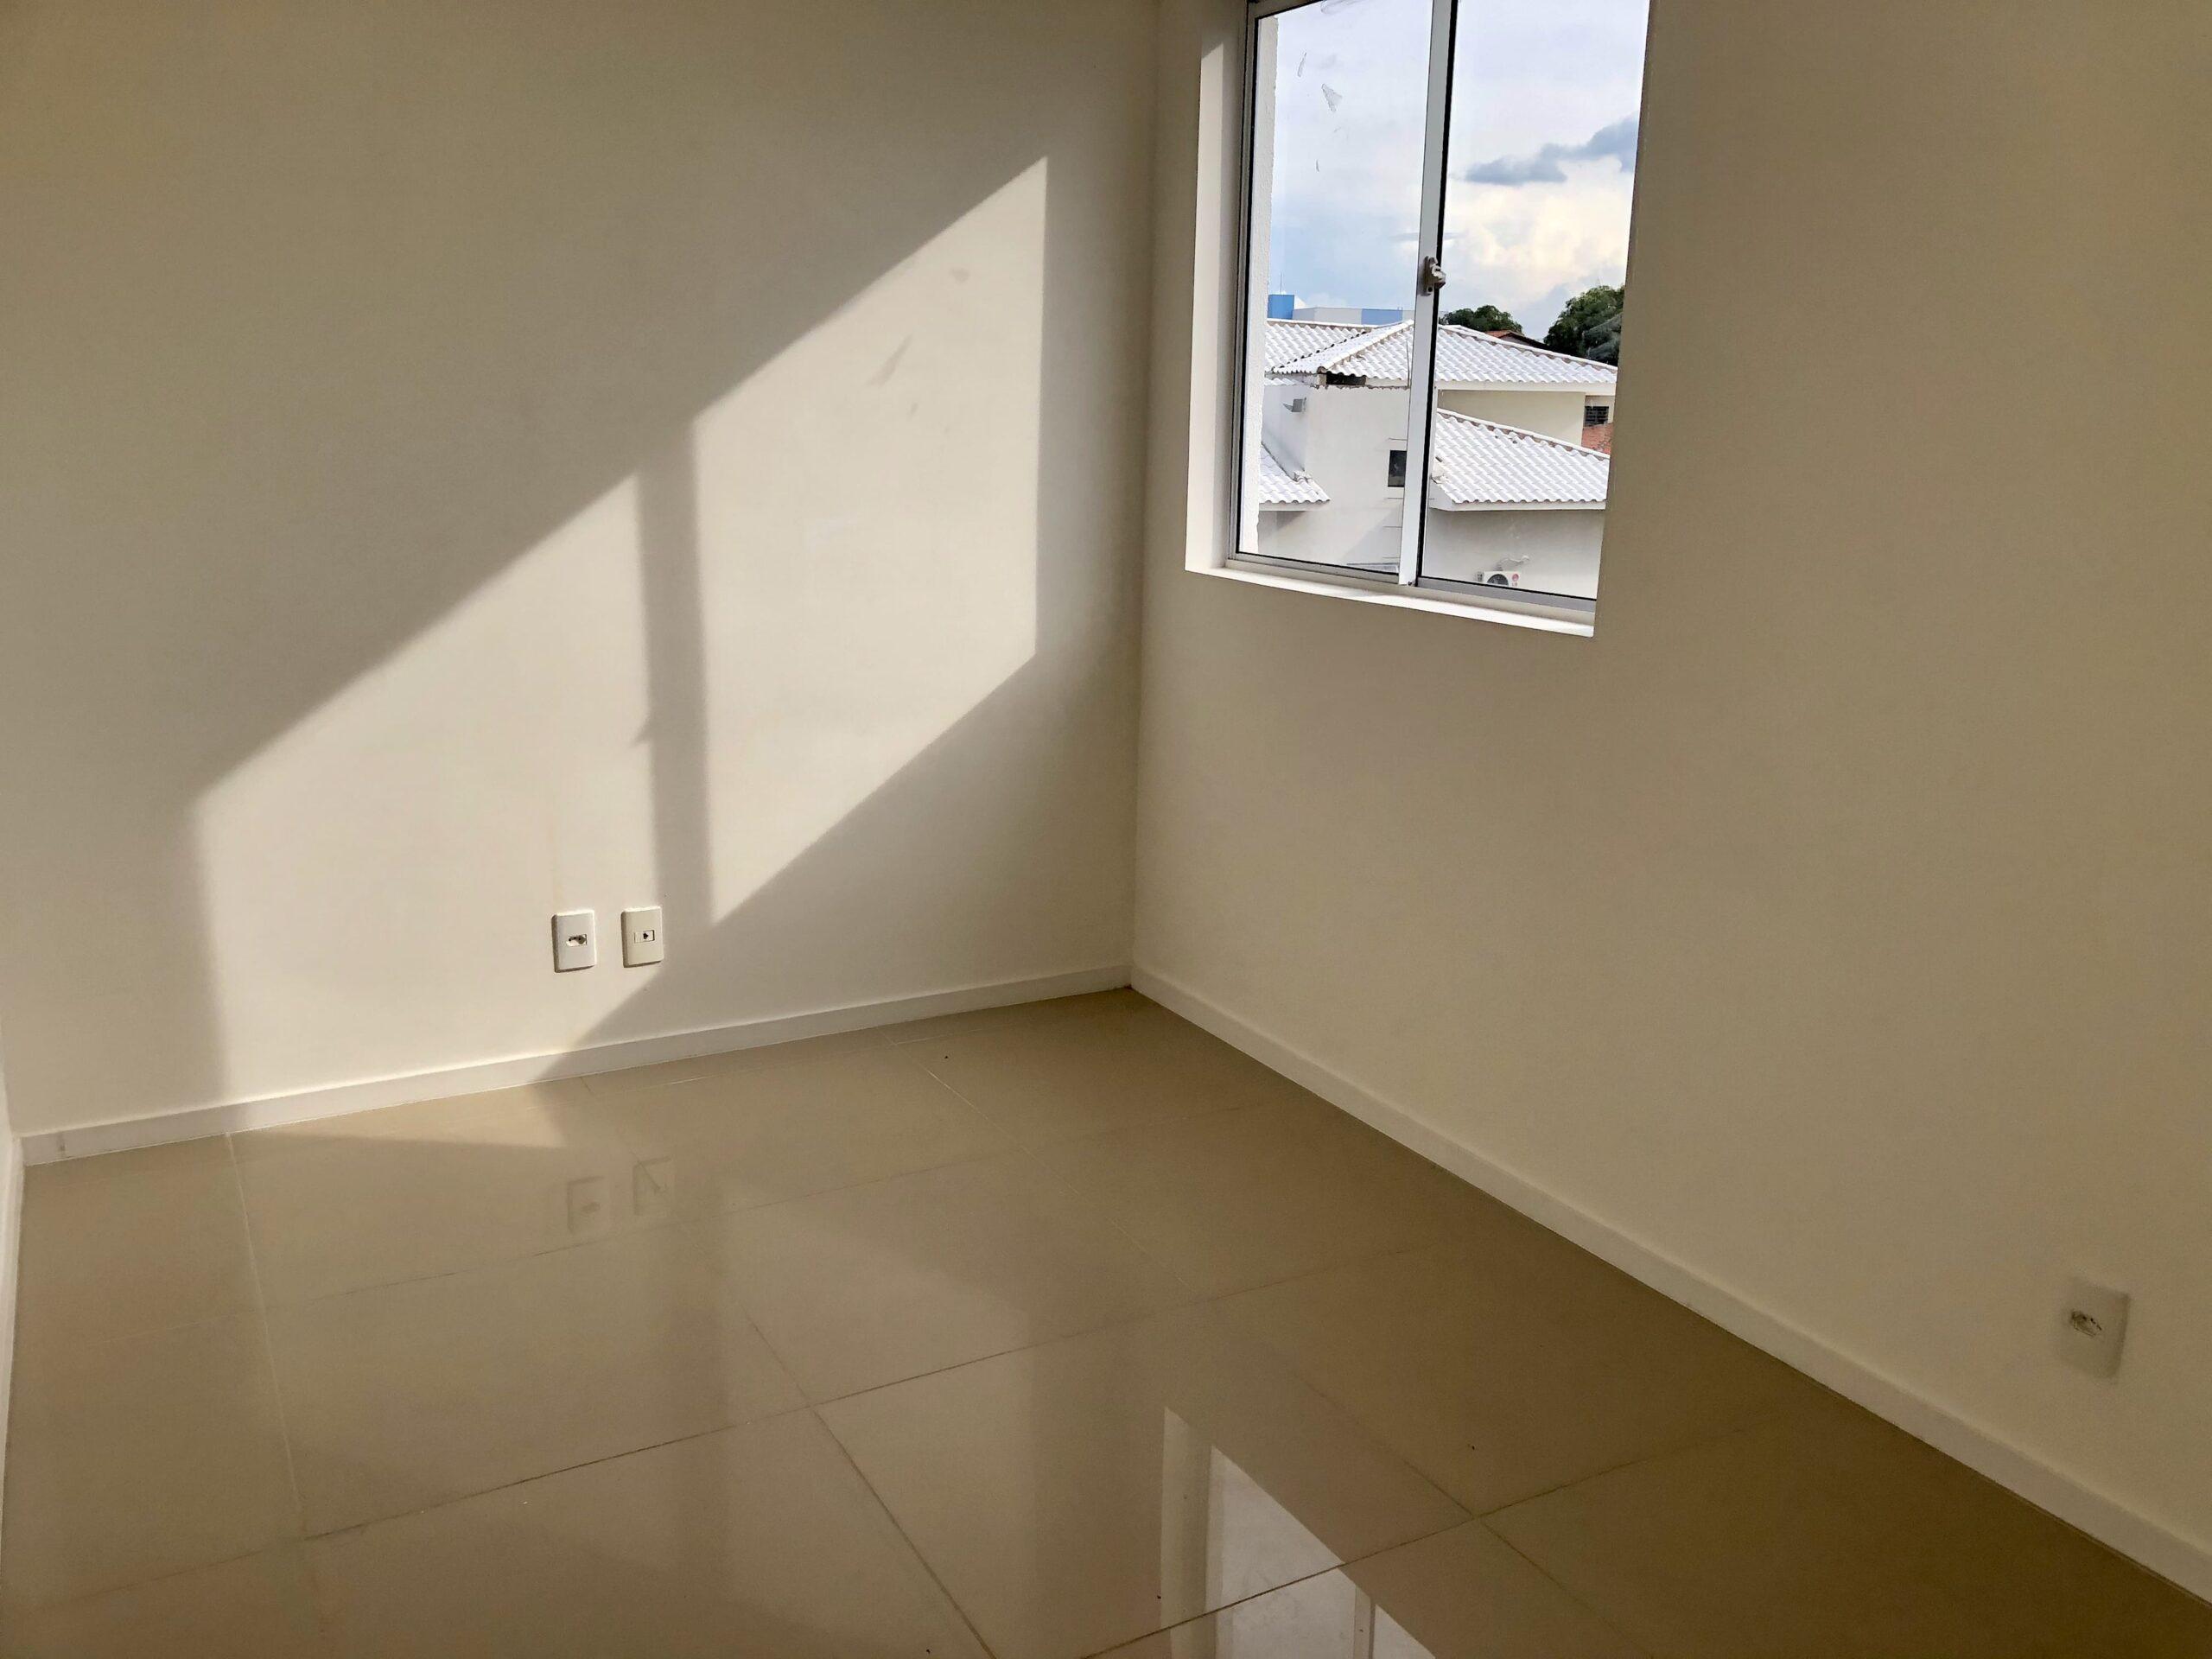 12 Apartamento para venda no Edifício Recanto das Palmeiras Teresina,3 Quartos, sendo 1 suíte, banheiro social, 1 vaga, piso em porcelanato